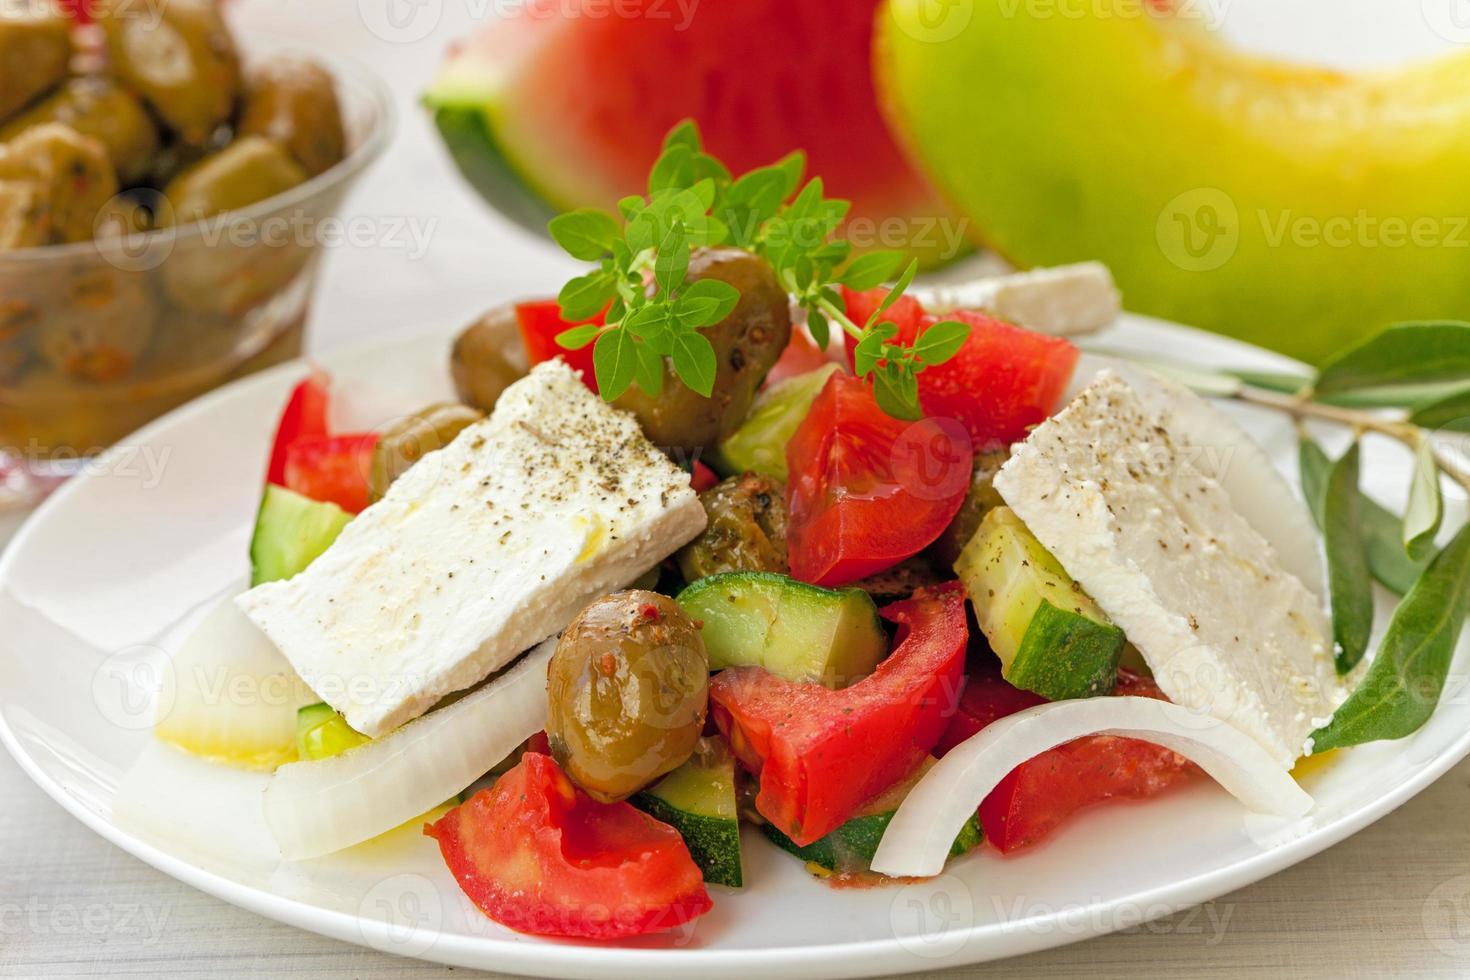 sallad med tomater och ost foto